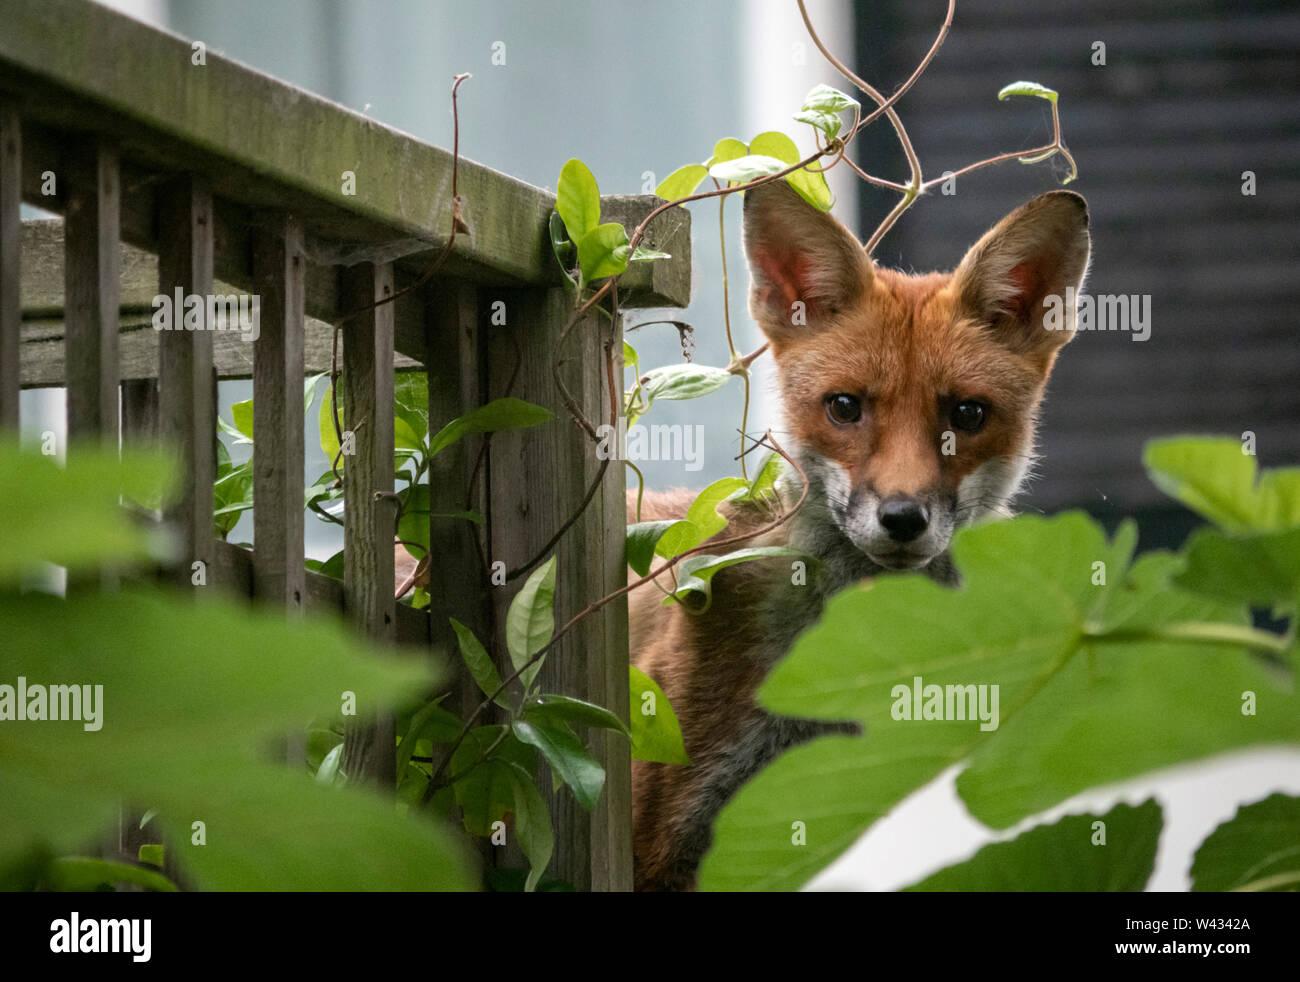 Fox urbano: un joven zorro rojo europeo salvaje mete su cabeza detrás de una higuera en un jardín privado en Brighton Seafront, Inglaterra, Reino Unido. Foto de stock